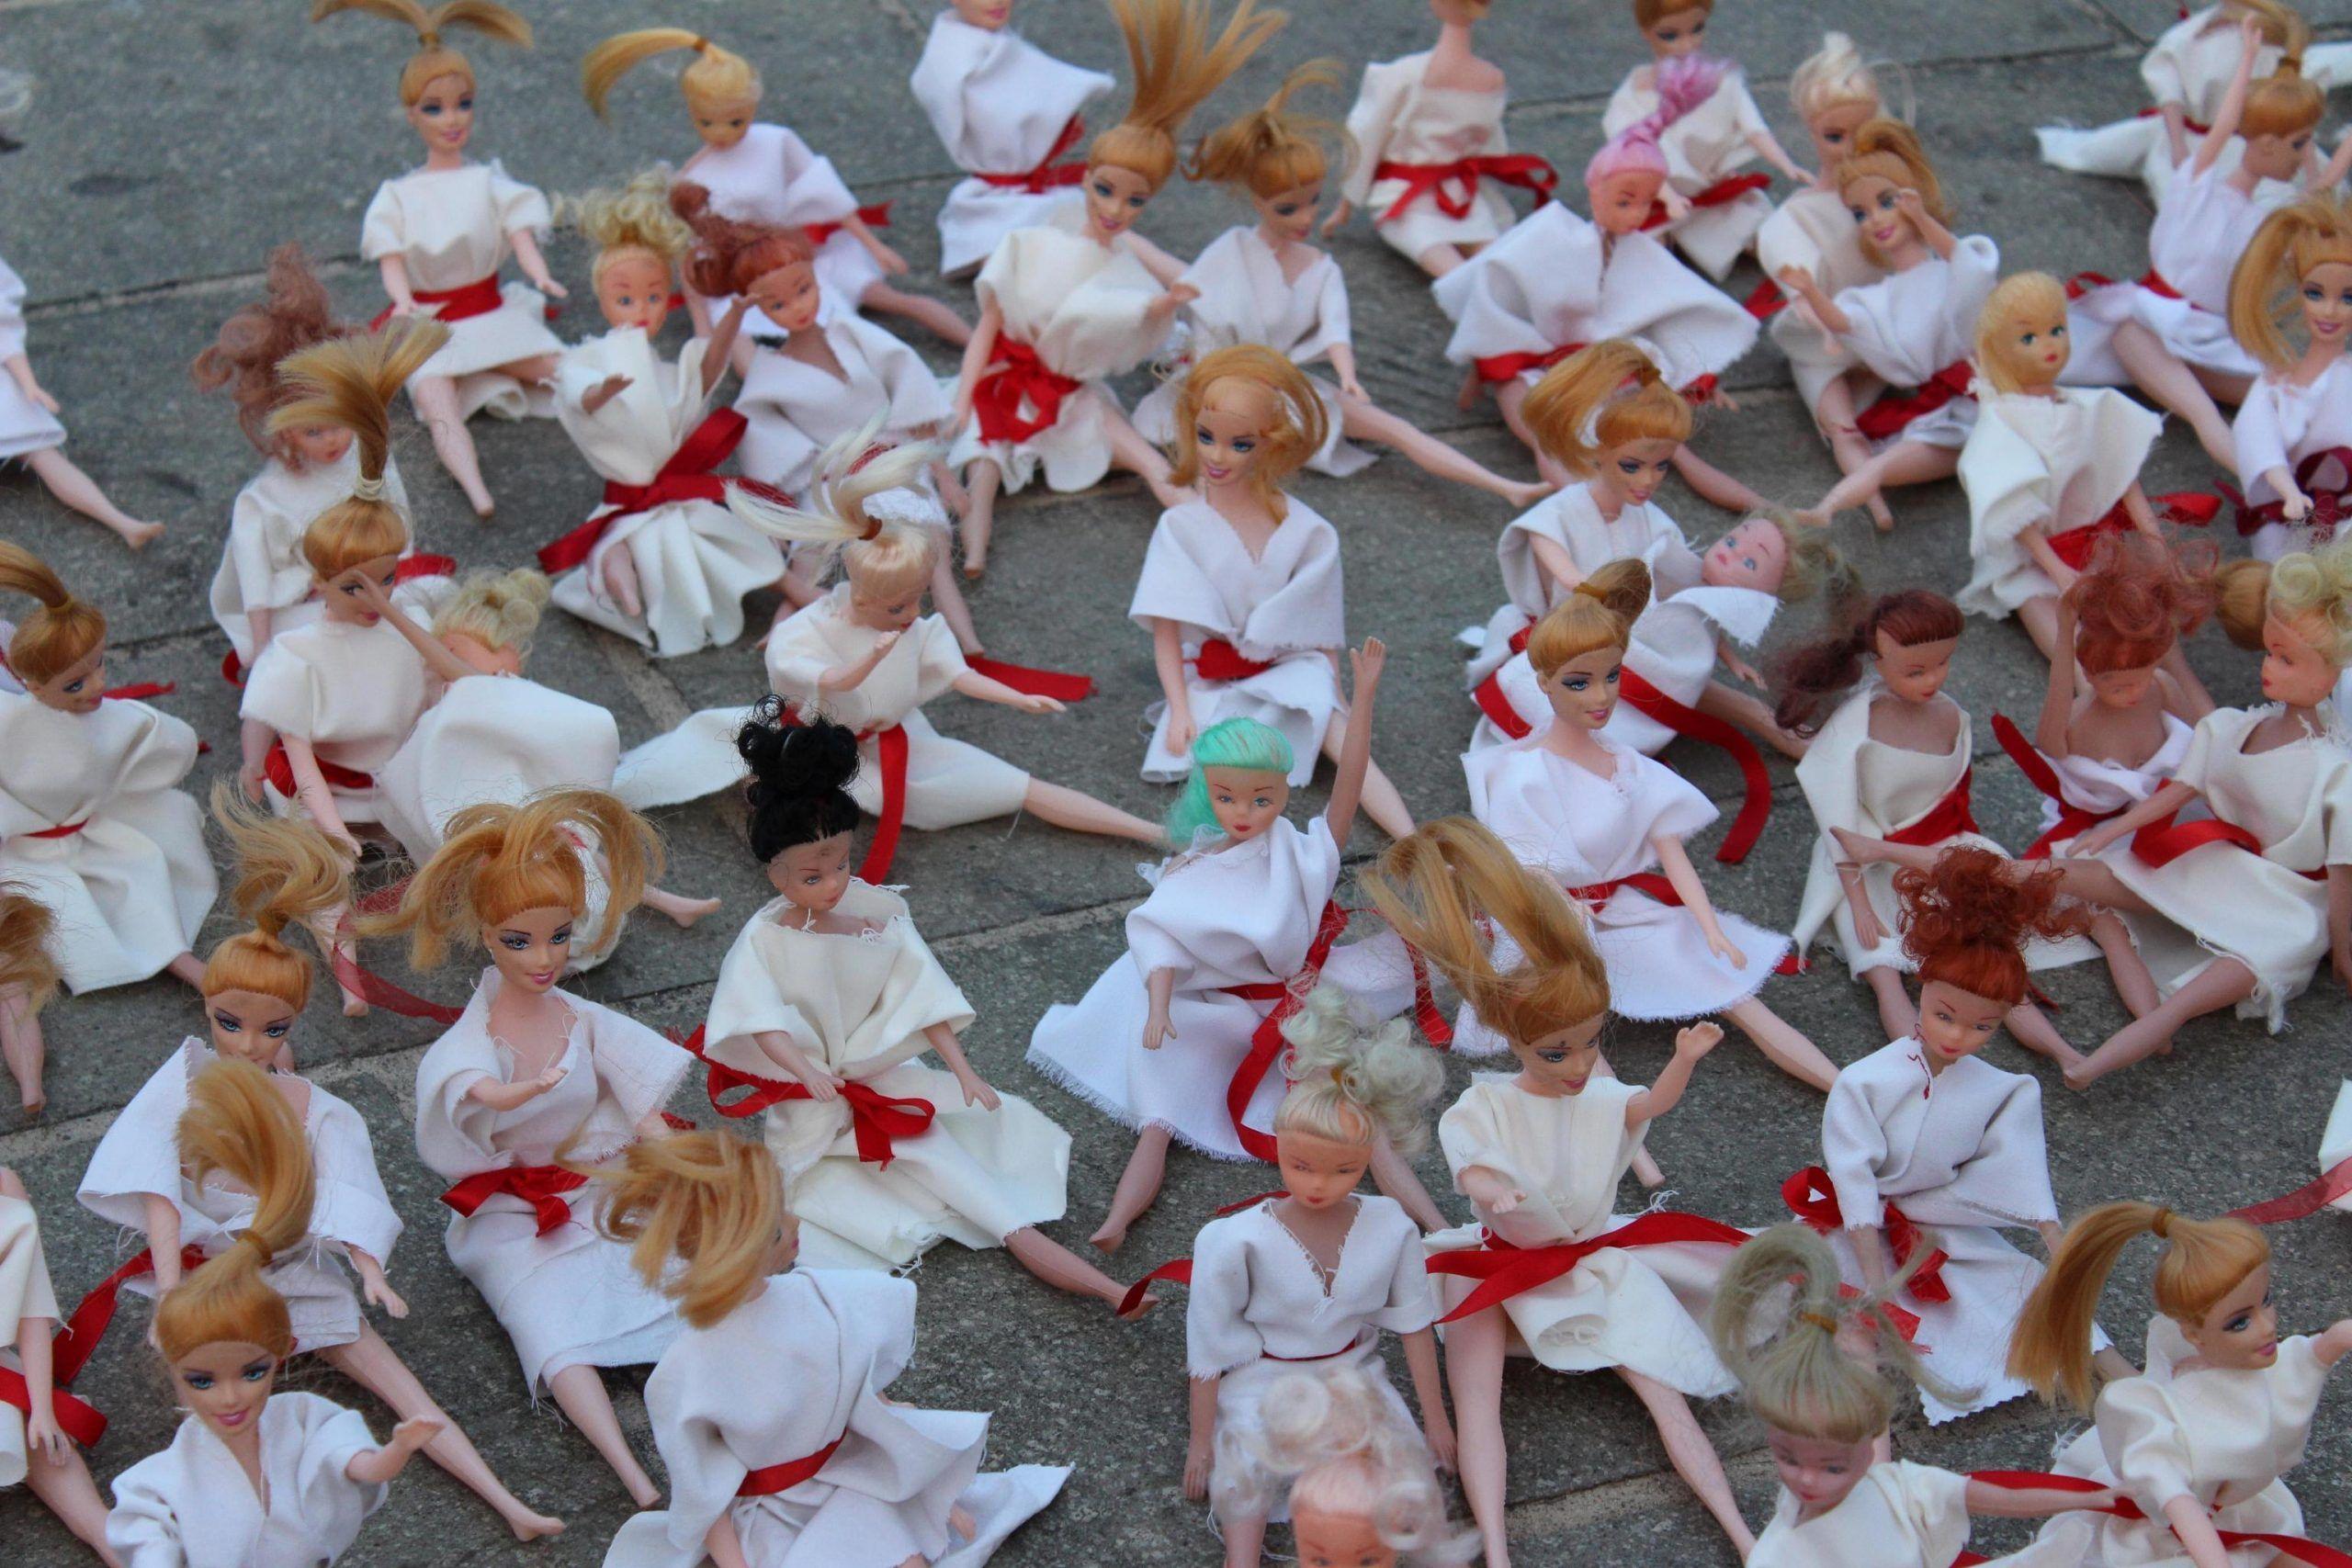 800 bambole nude da rivestire contro la violenza sulle donne